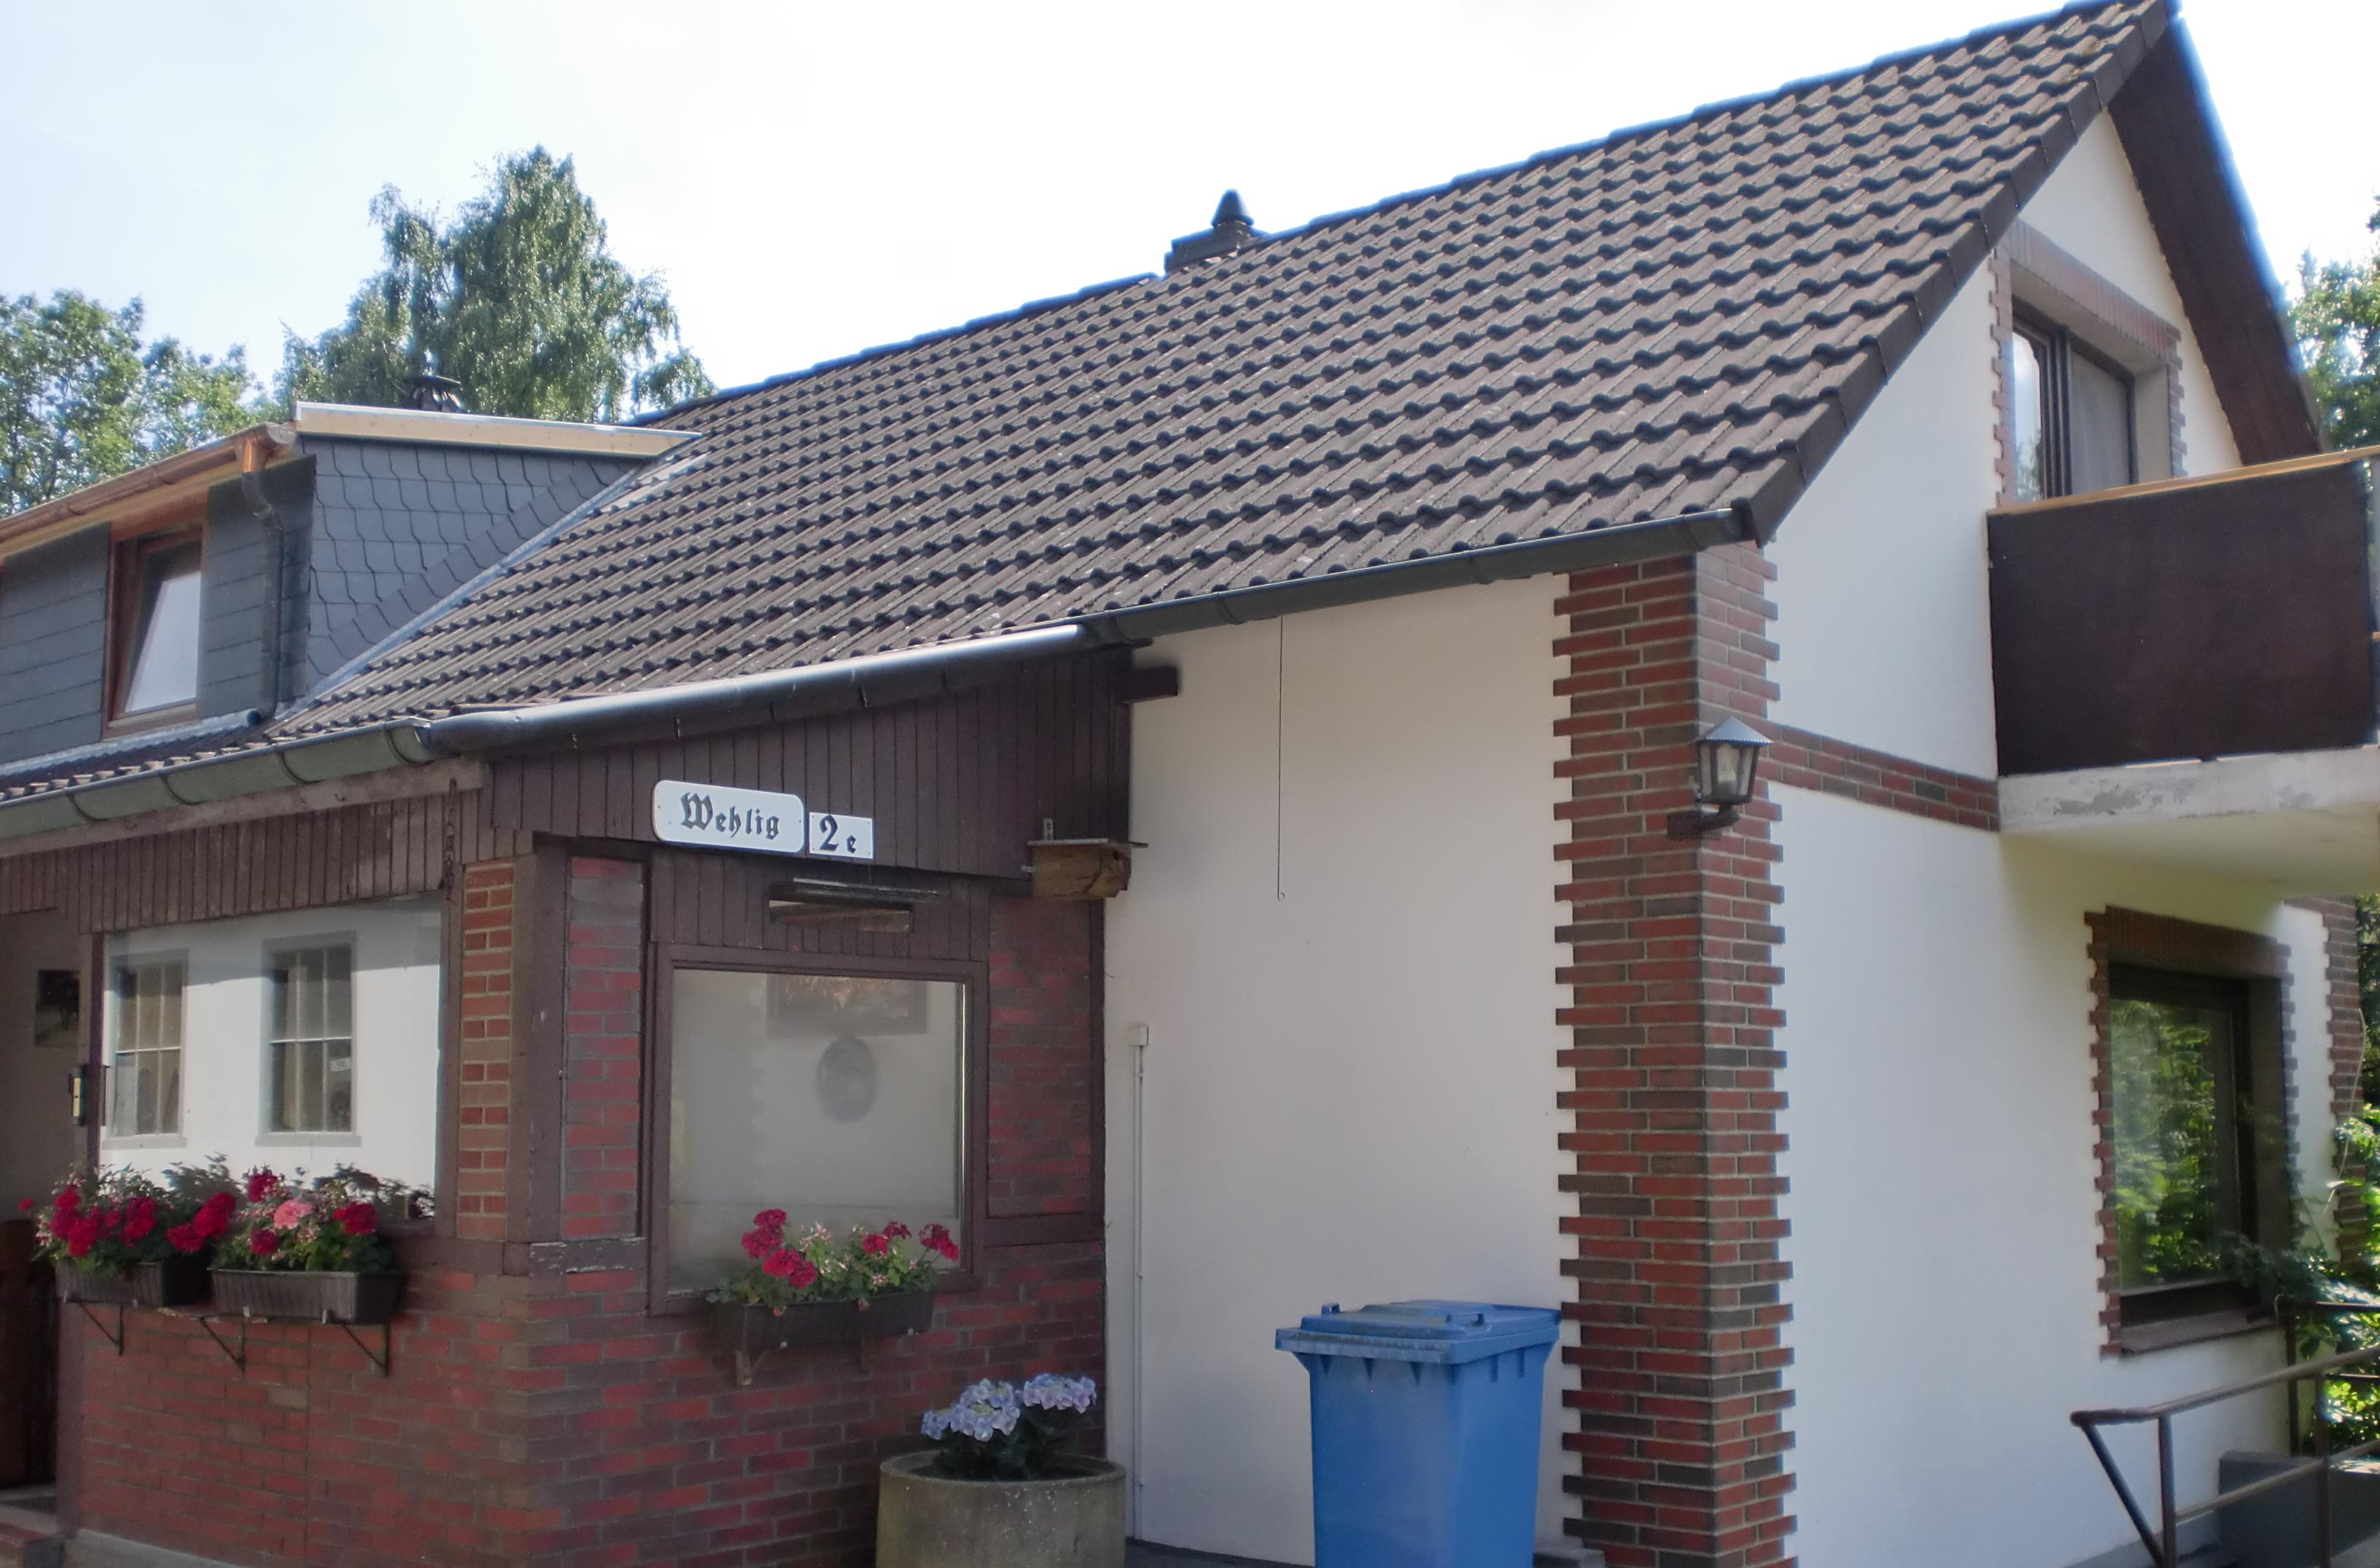 Aussenansicht Einfamilienhaus mit kleinem Anbau und Blumenkästen an Fenstern